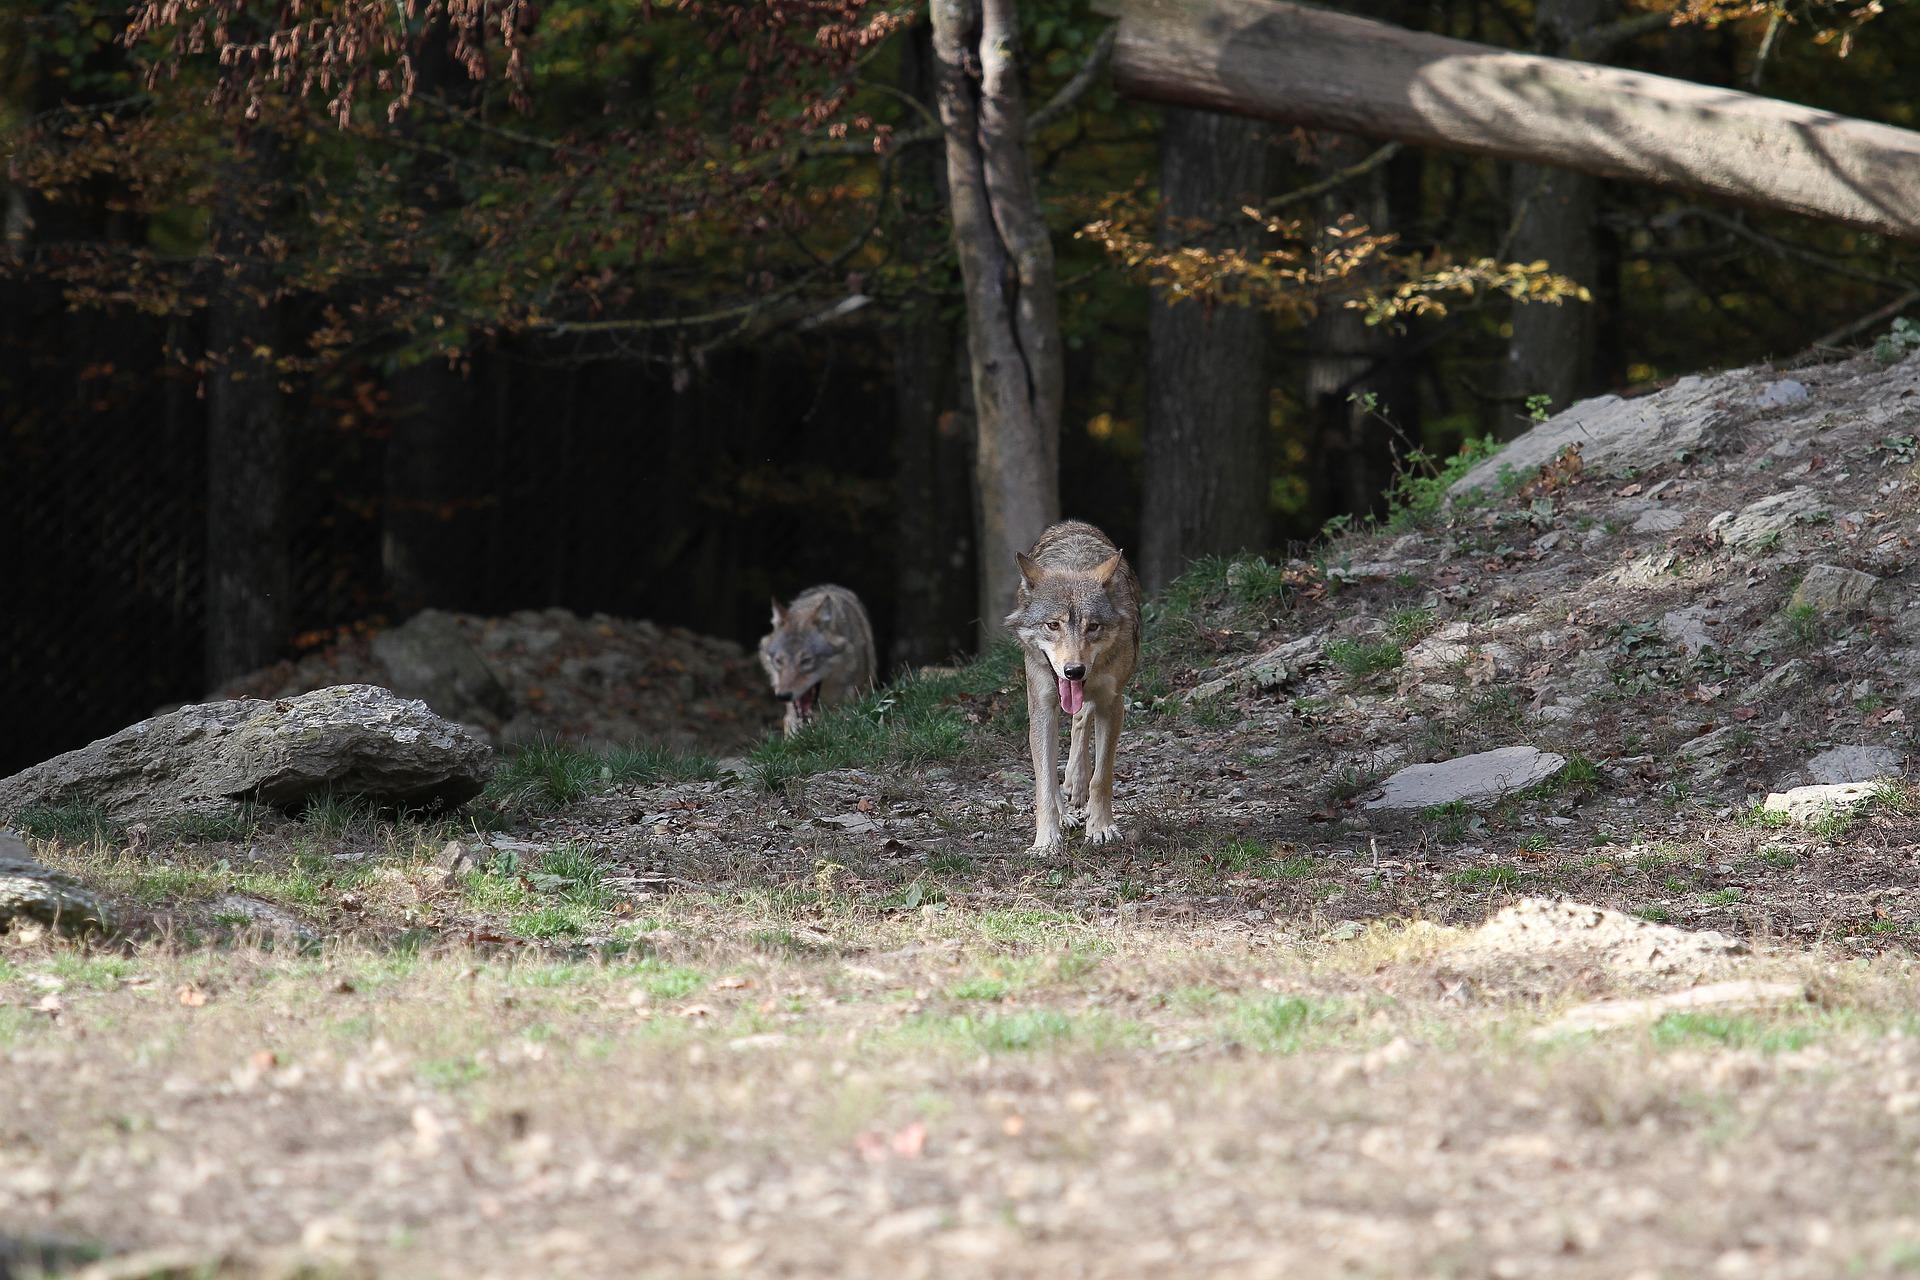 Wolf tötet Hunde Wolf Wölfe Wolf im Faktencheck Wölfe Deutschland canis lupus jäger Jagd Natur bald fort nutztier